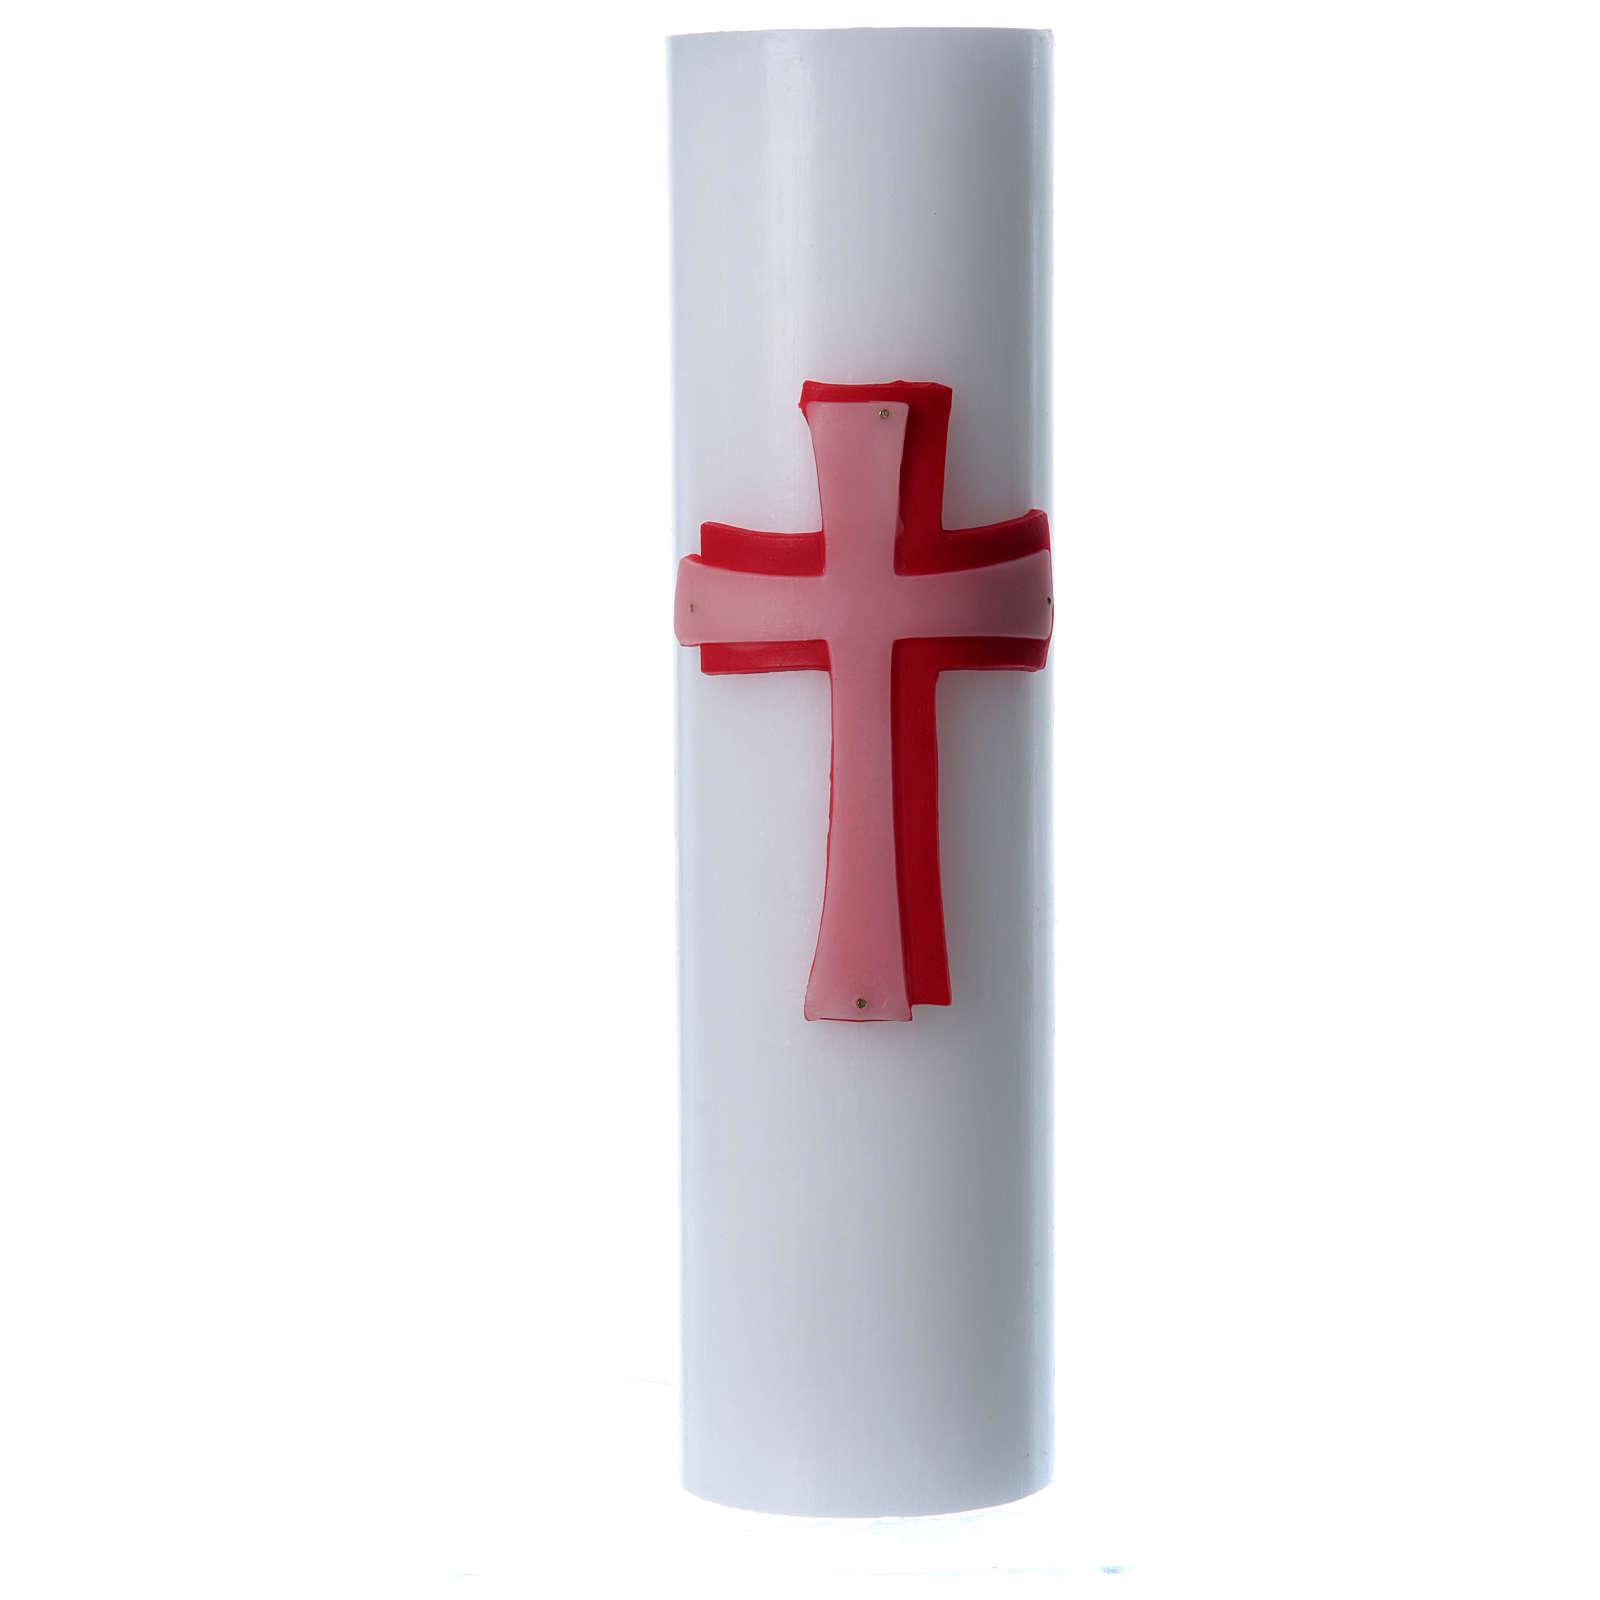 Cero da mensa bassorilievo cera bianca croce rossa diam 8 cm 3